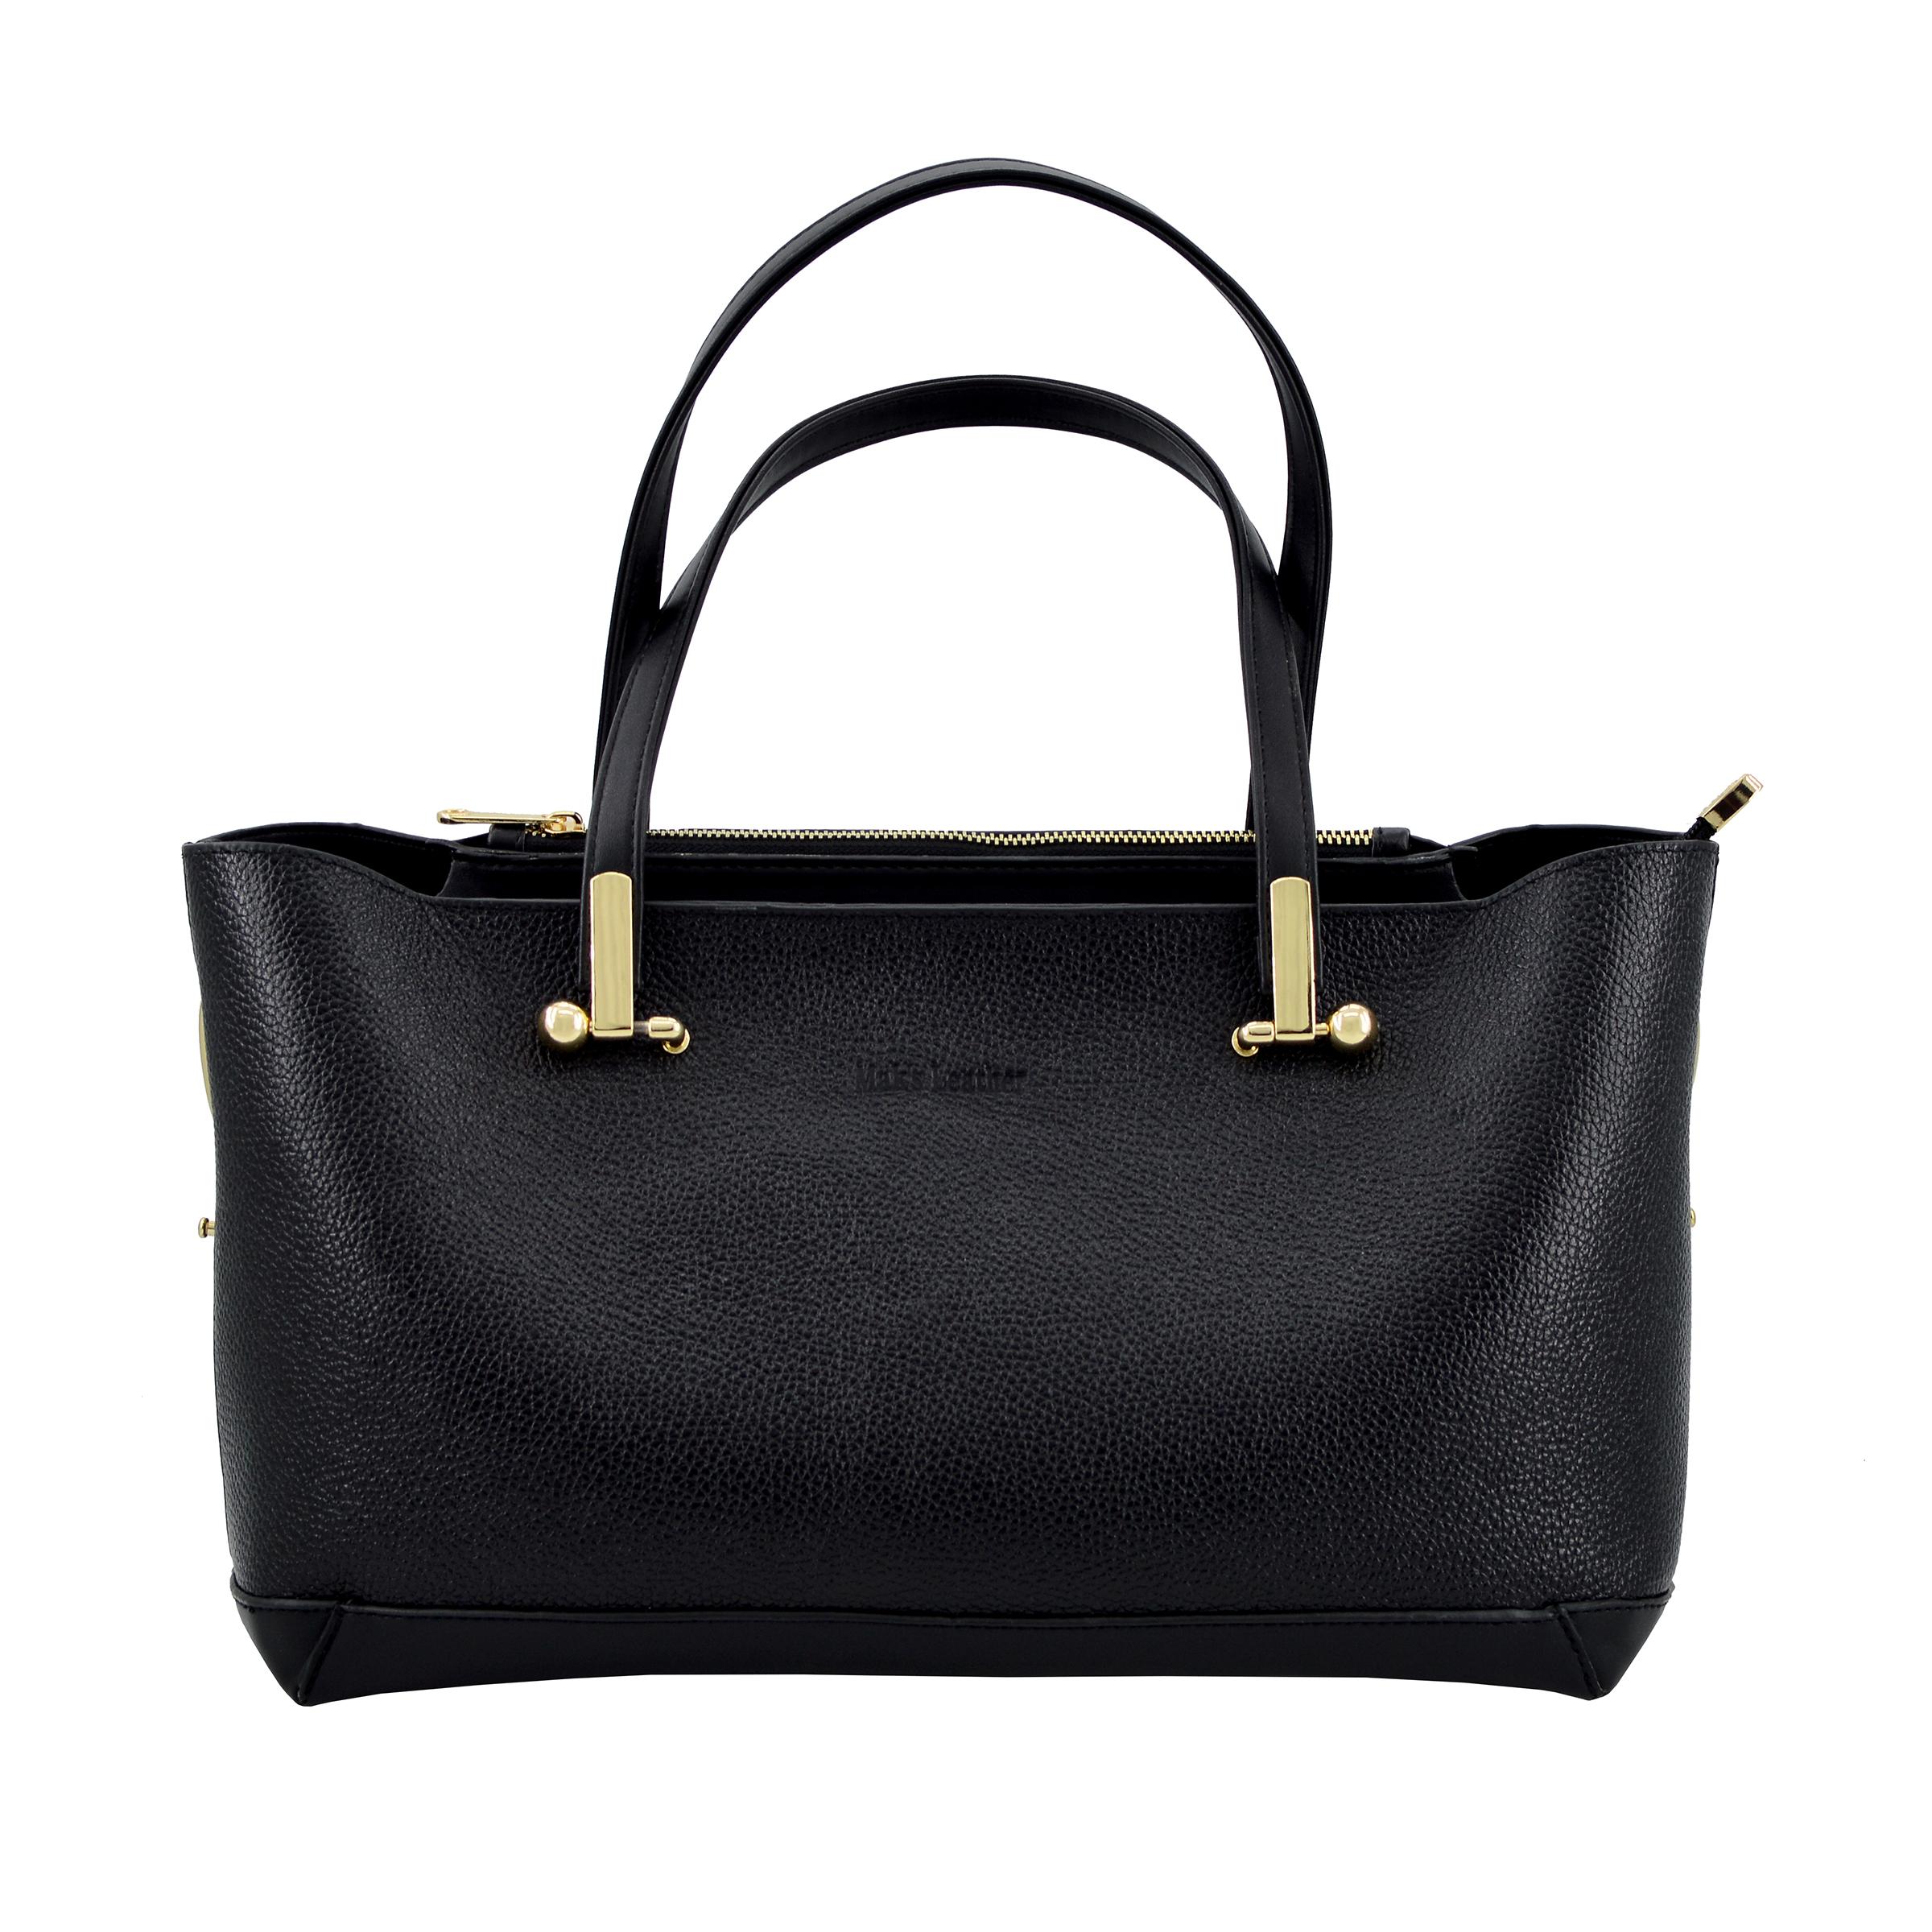 کیف دستی زنانه چرم مکس مدل آلدورا 12901